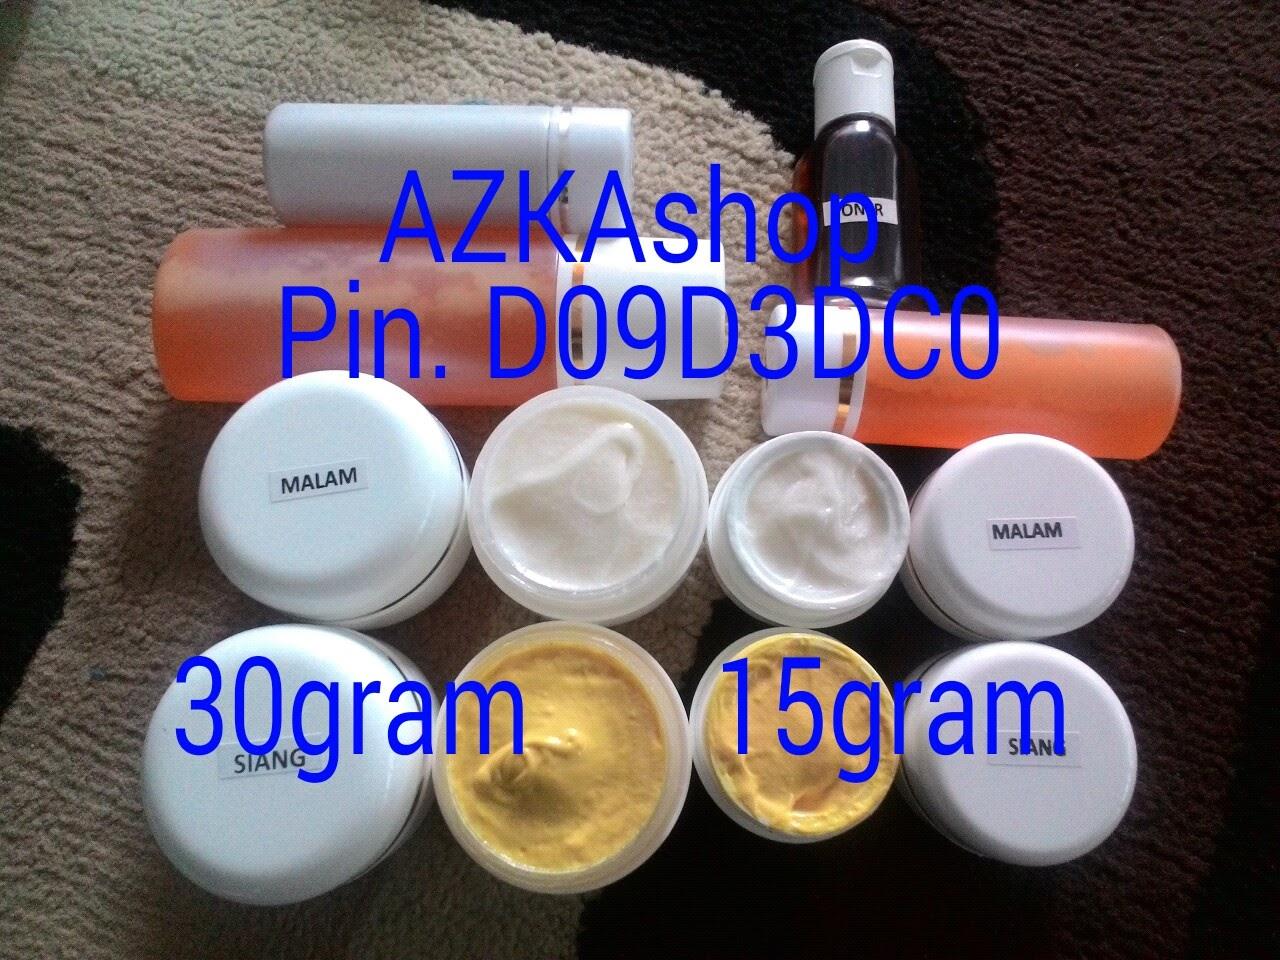 Azkashoop 2017 Sabun Hn Kecil 60ml Hetty Nugrahati Original Asli Cream Bikin Ketergantungan Nggk Sich